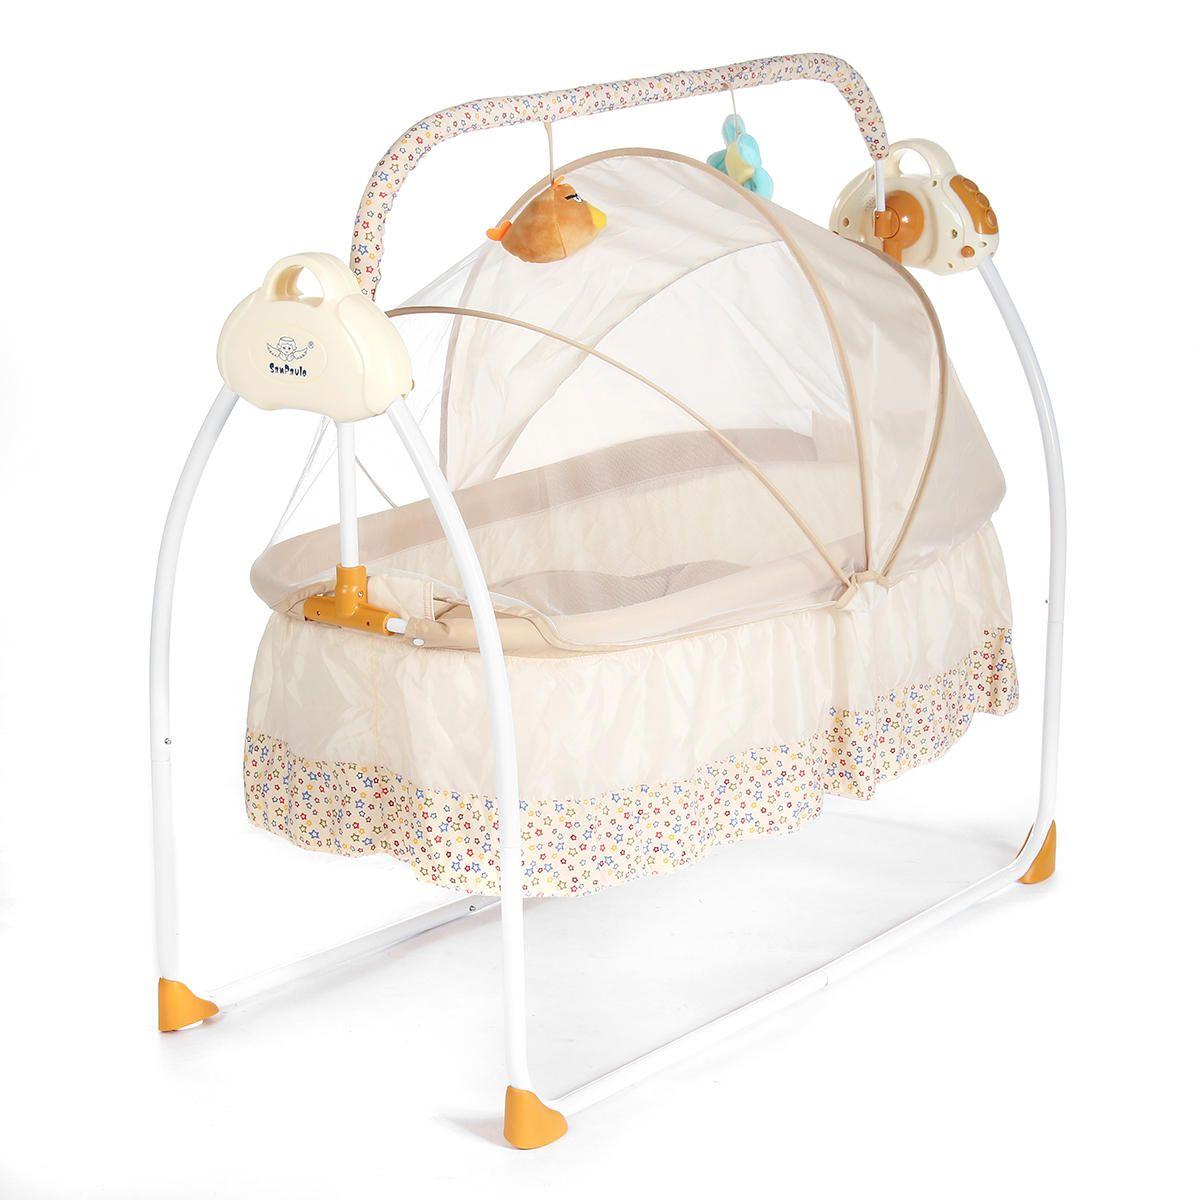 Electric Baby Crib Cradle Infant Rocker AutoSwing Baby Sleep Bed Sleep Duty Free